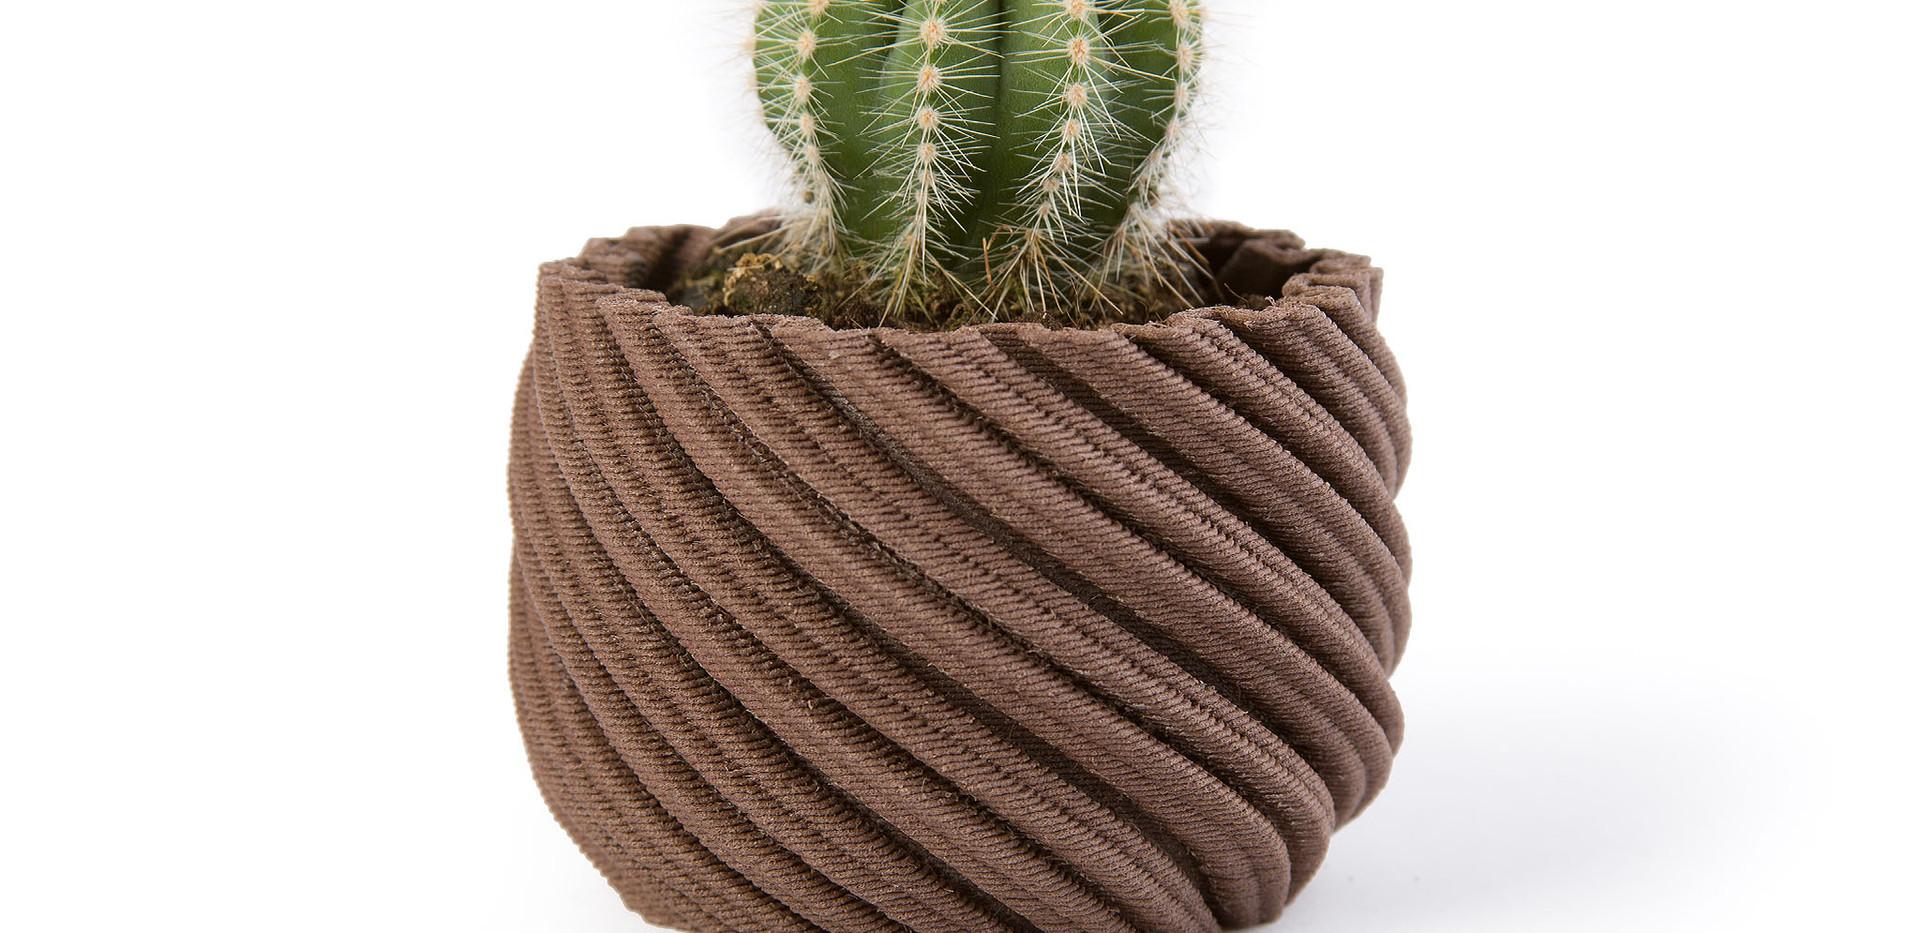 Cactus Rosewood